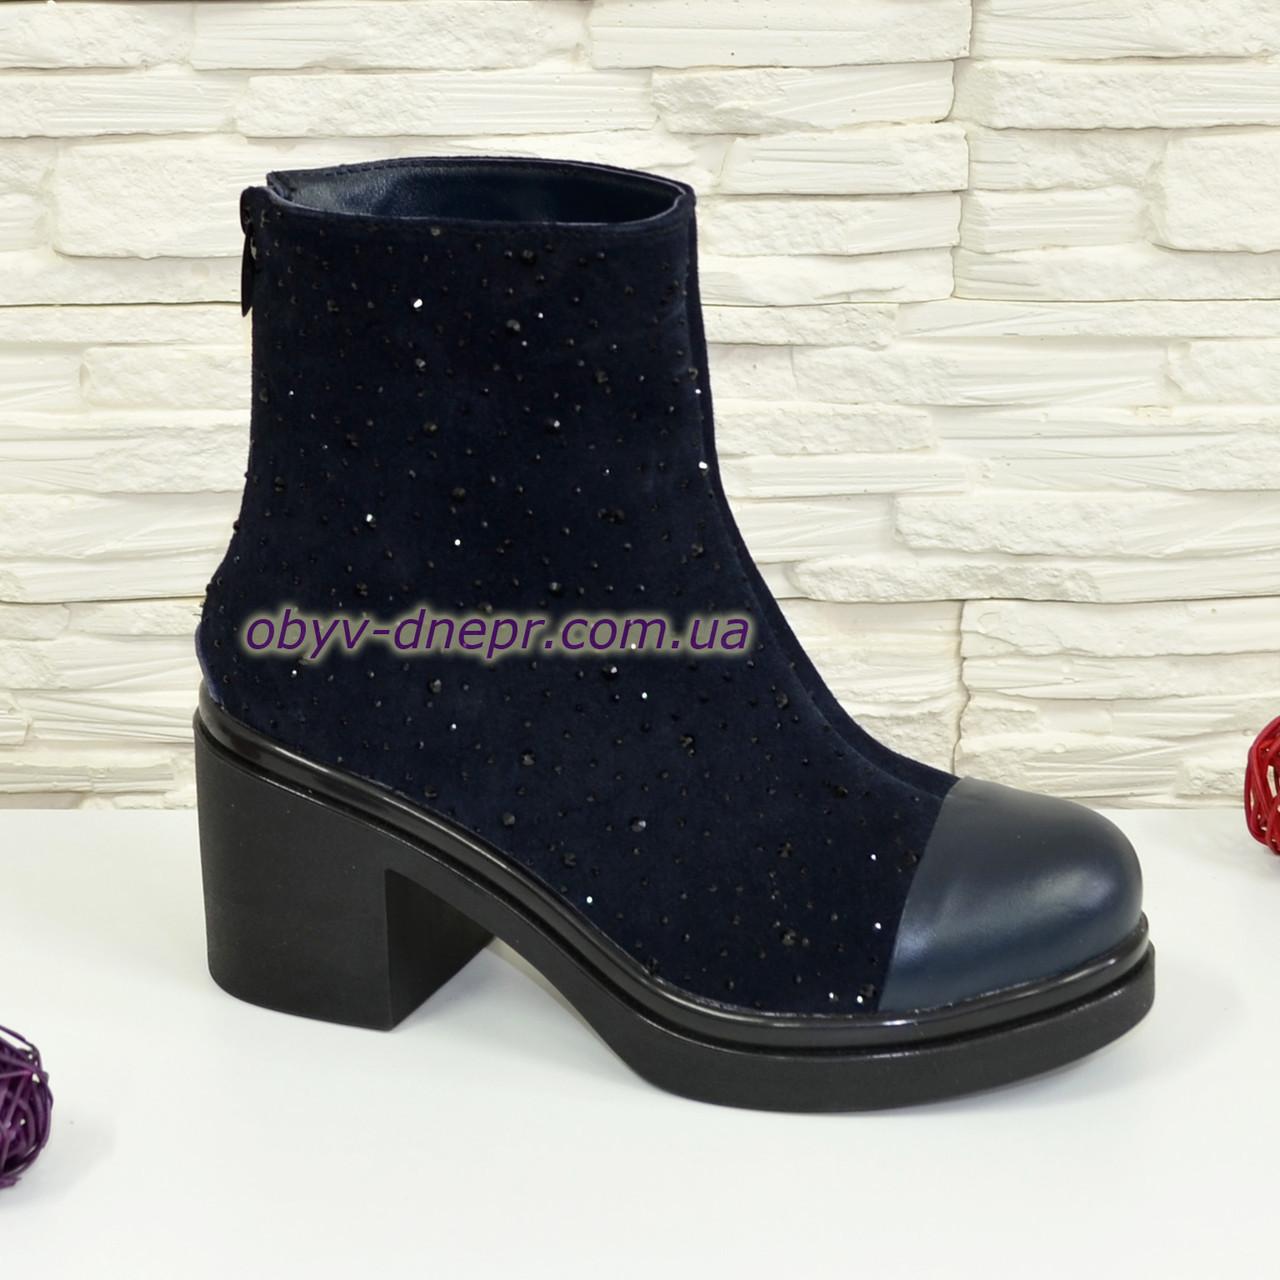 Ботинки демисезонные женские на устойчивом каблуке, натуральная синяя замша.